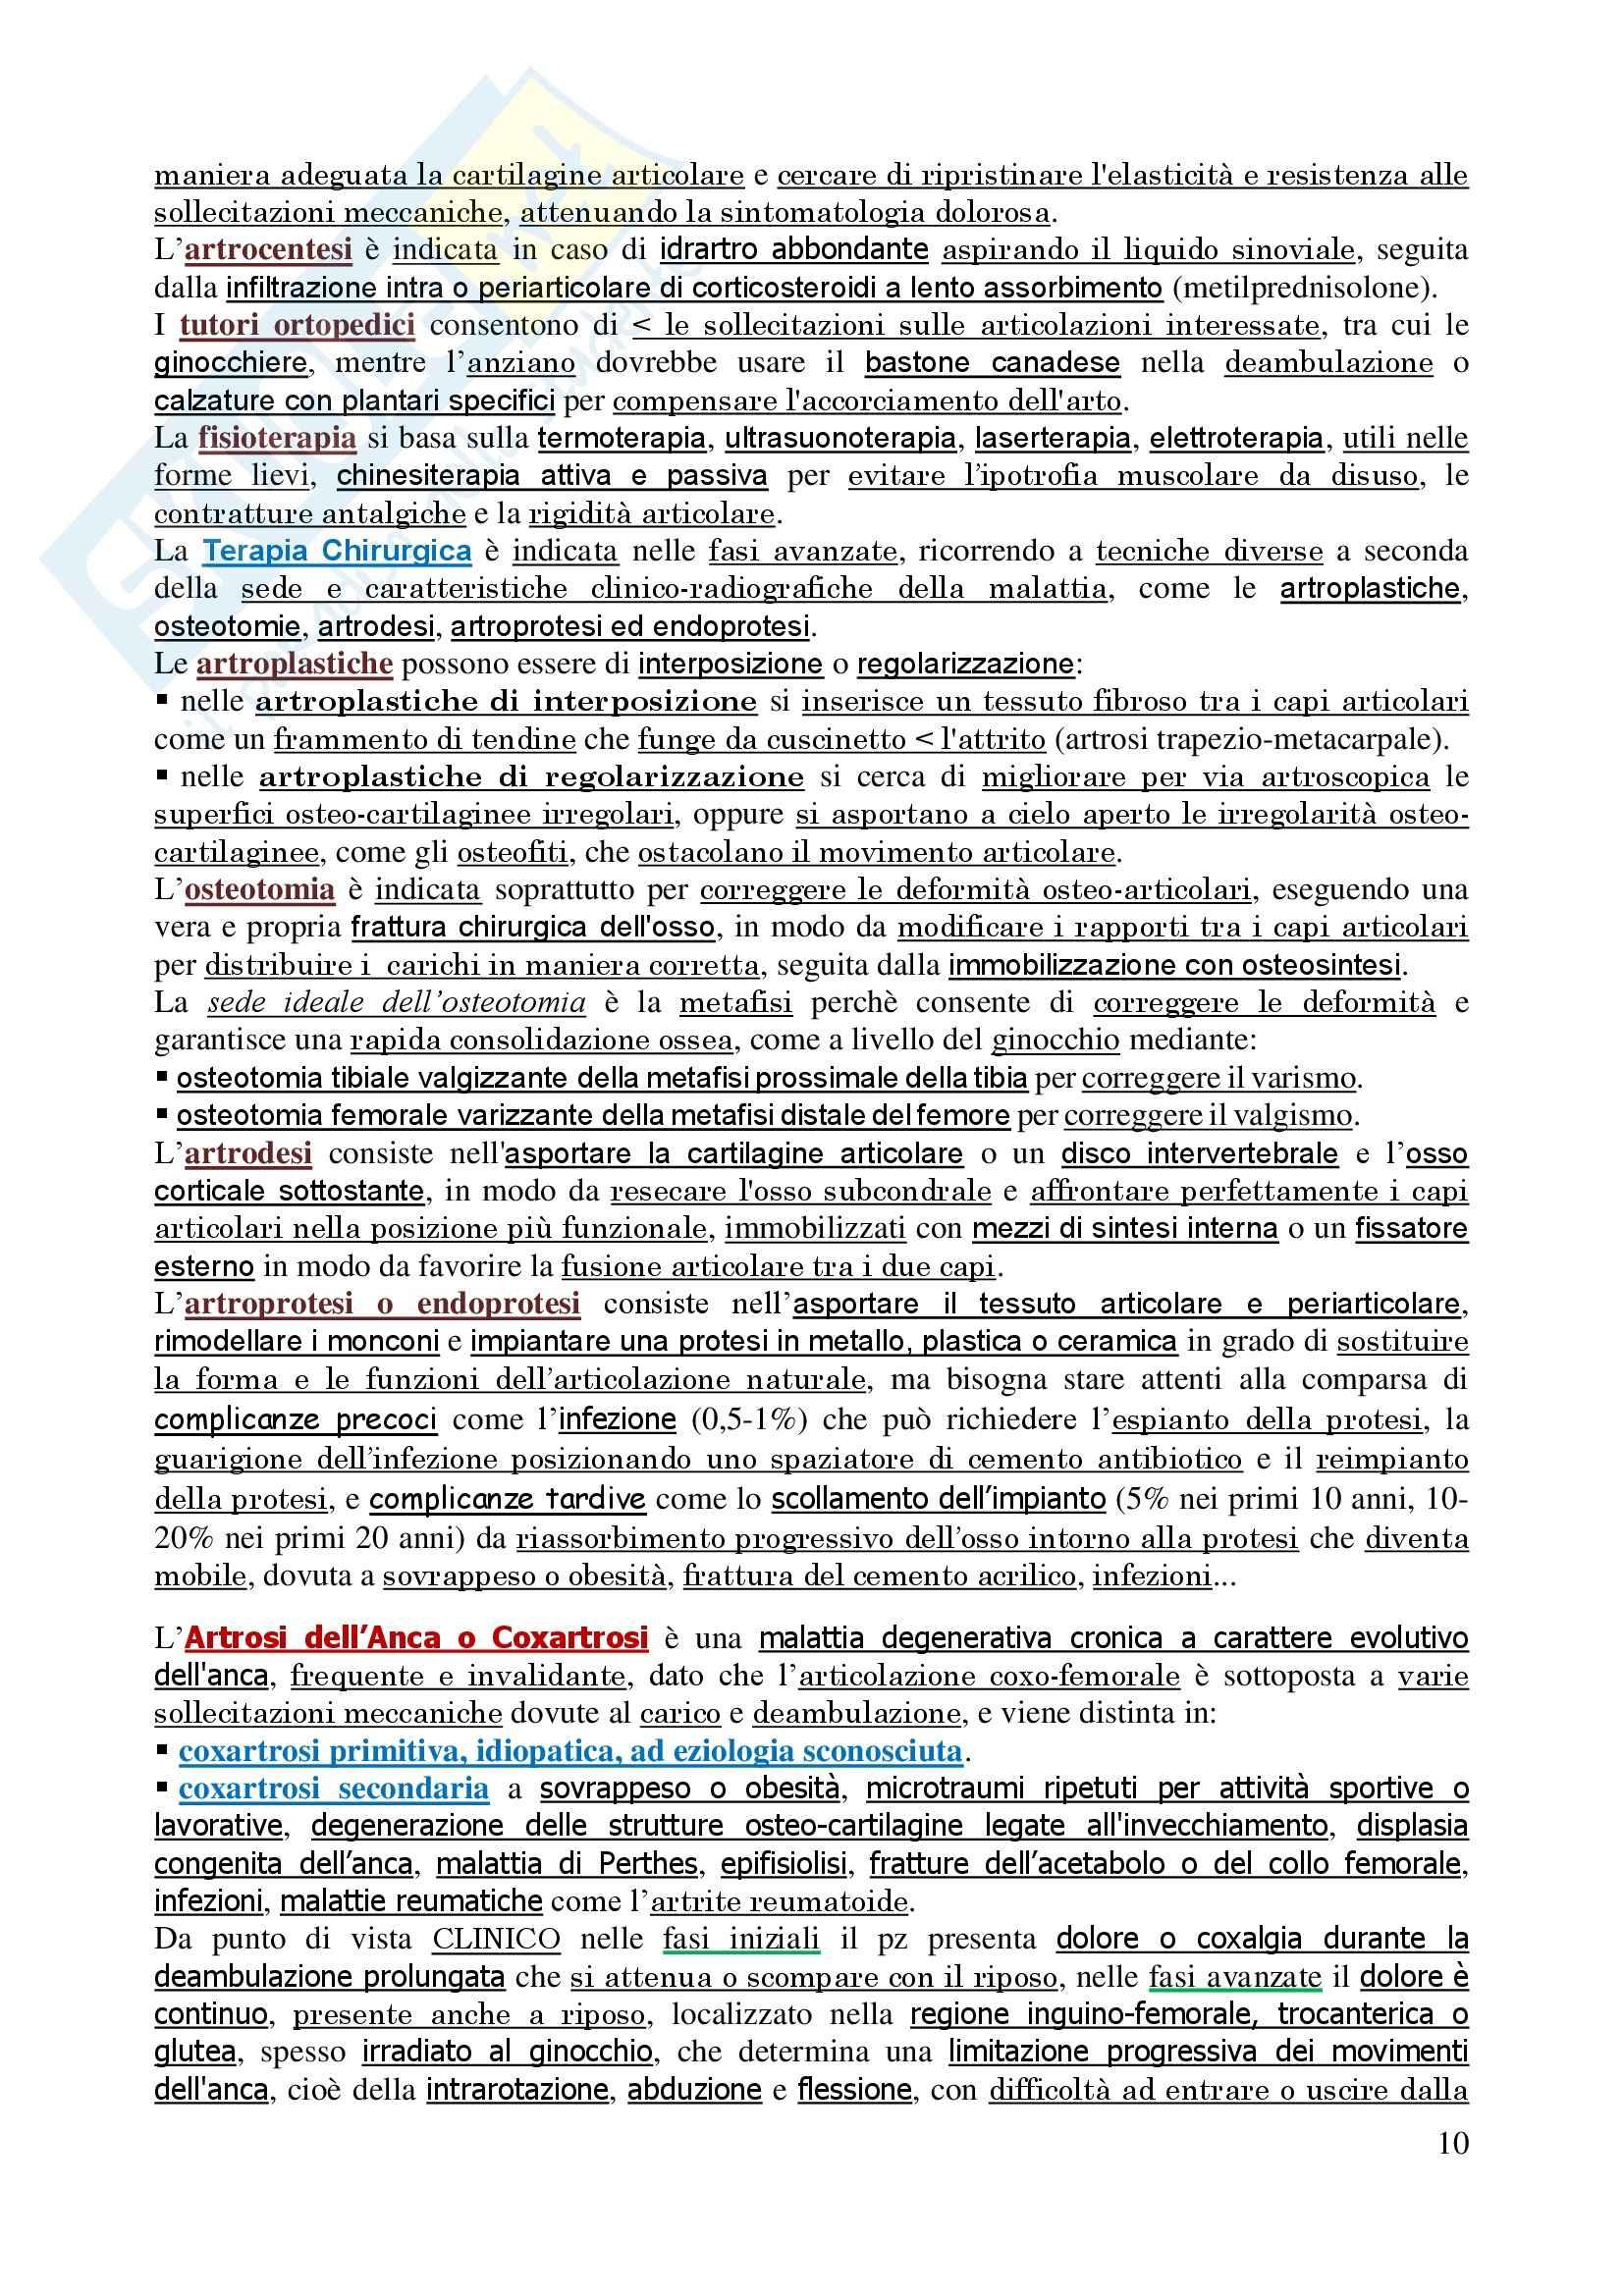 Malattie dell'apparato locomotore - Corso completo Pag. 11